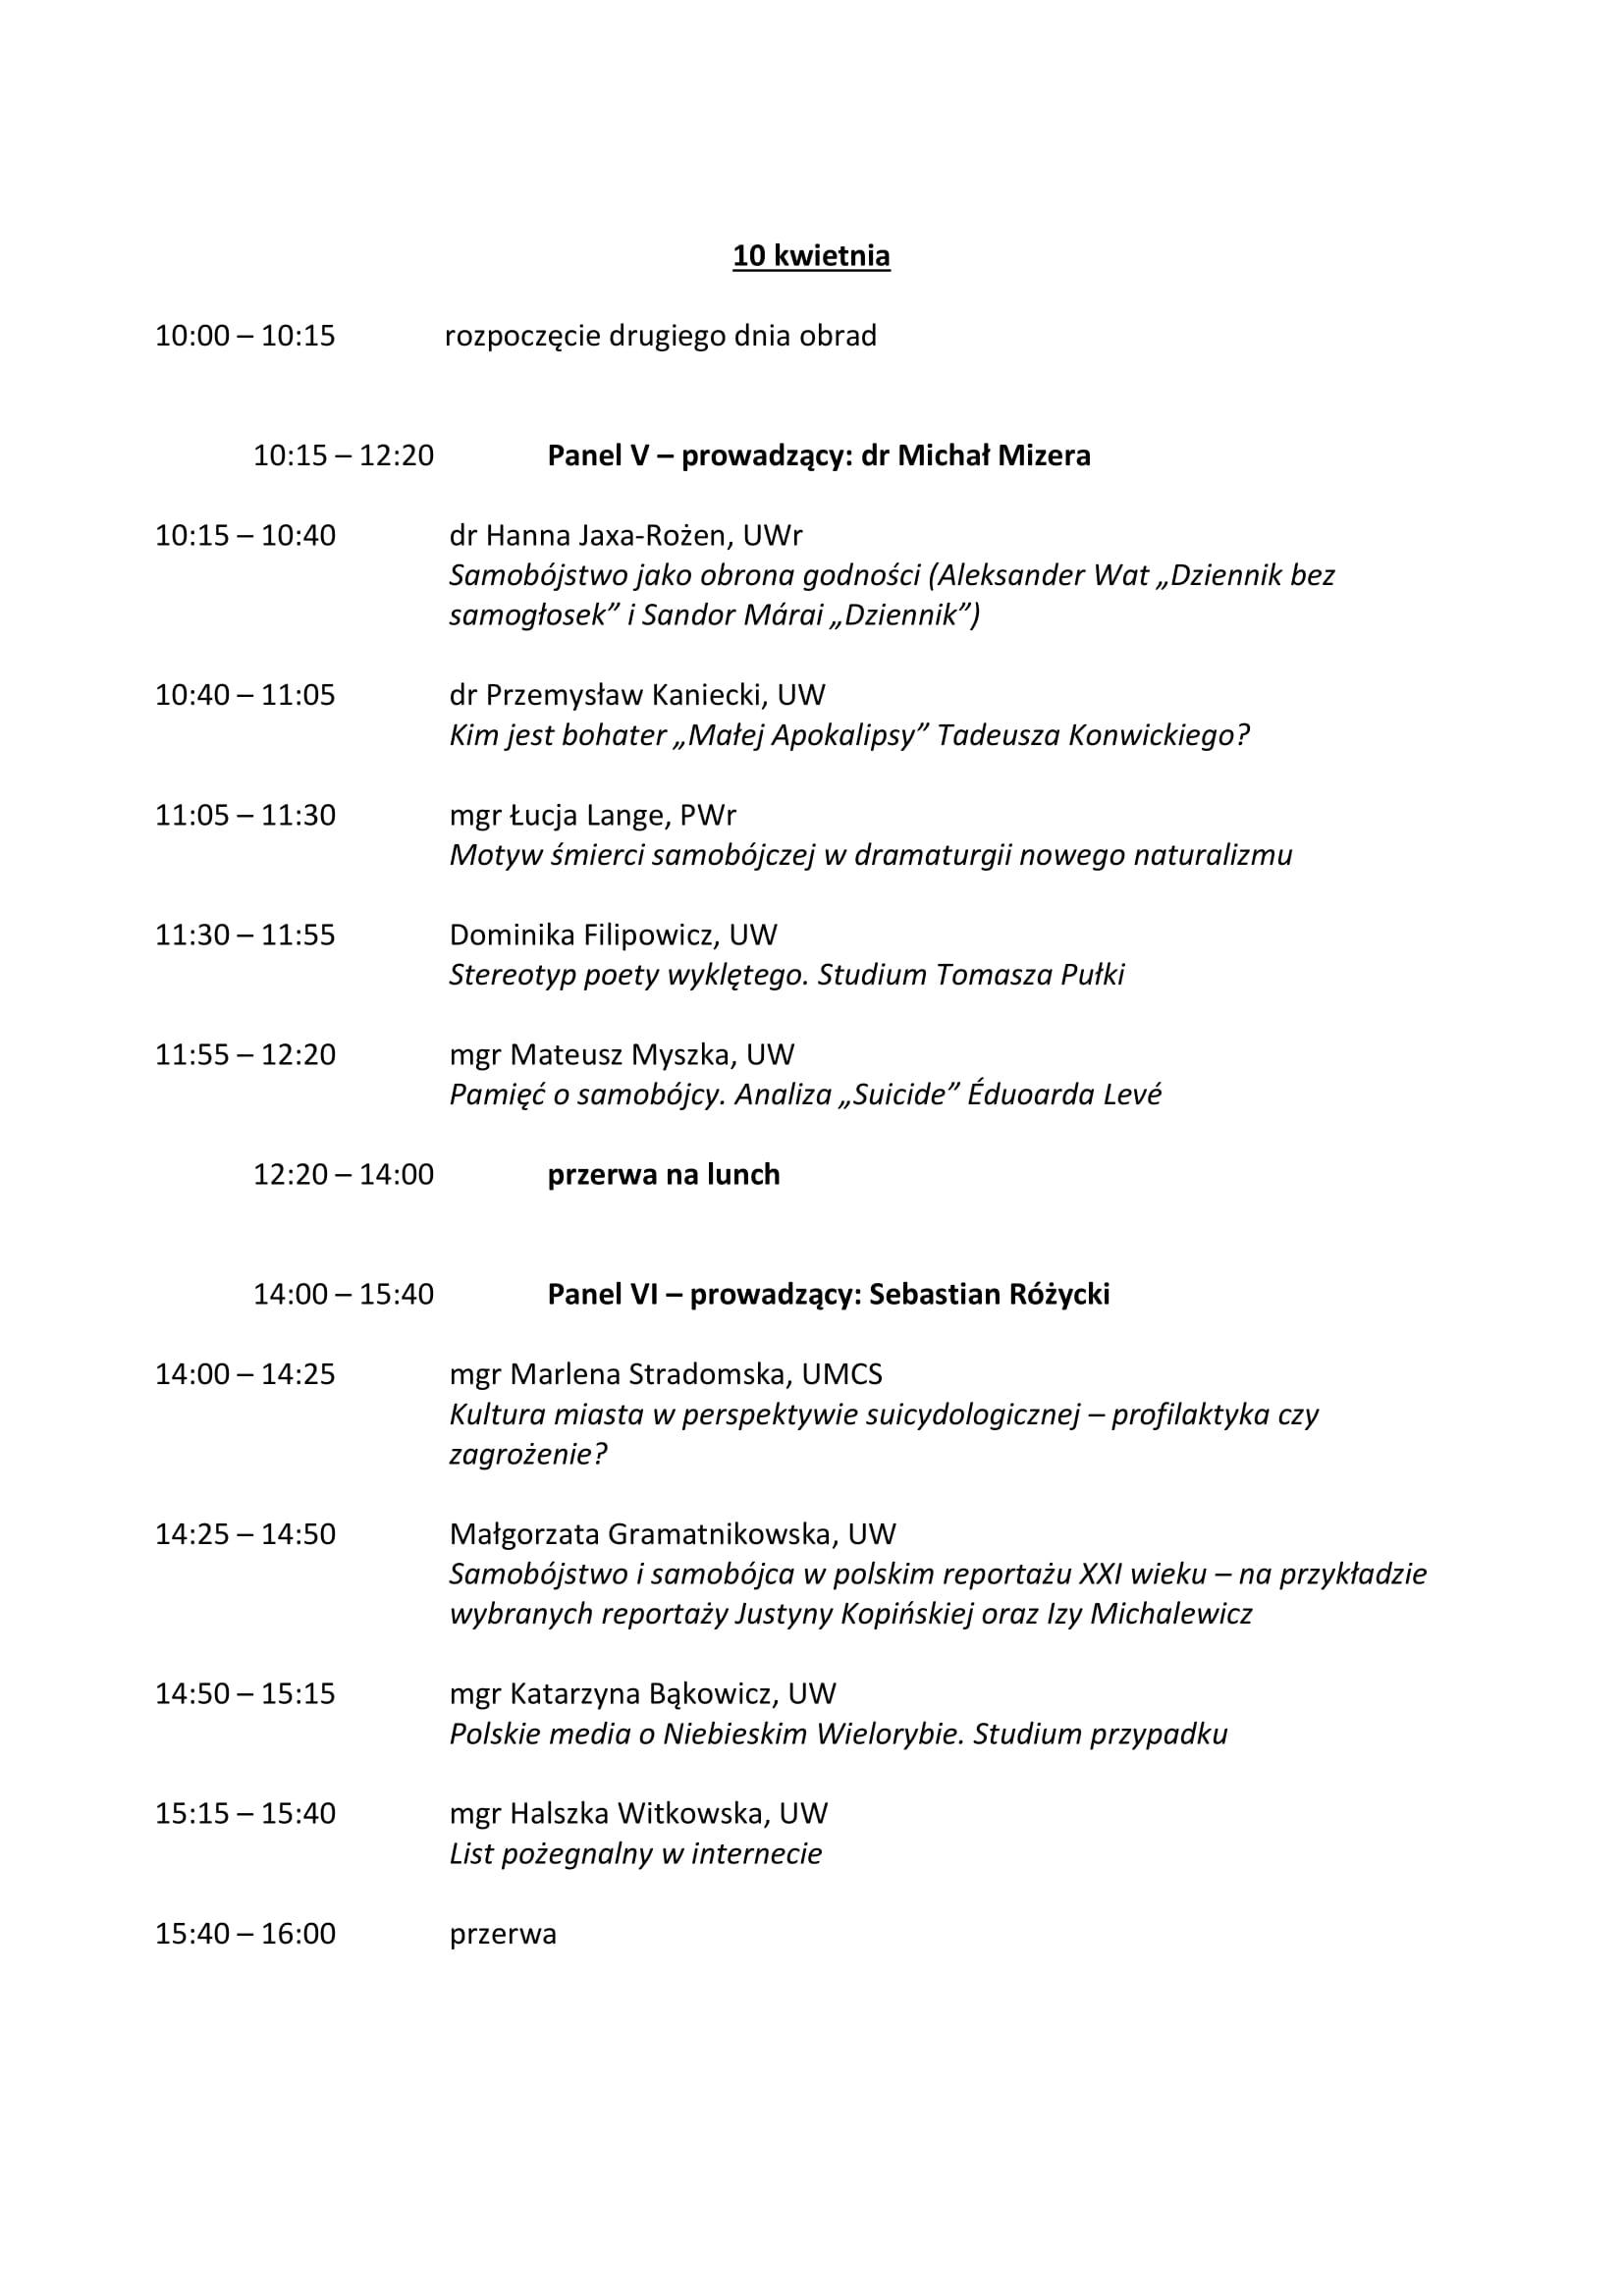 Harmonogram konferencji 'Autodestrukcja II. Sytuacje graniczne we współczesnej kulturze' - 9-10.04.19-3